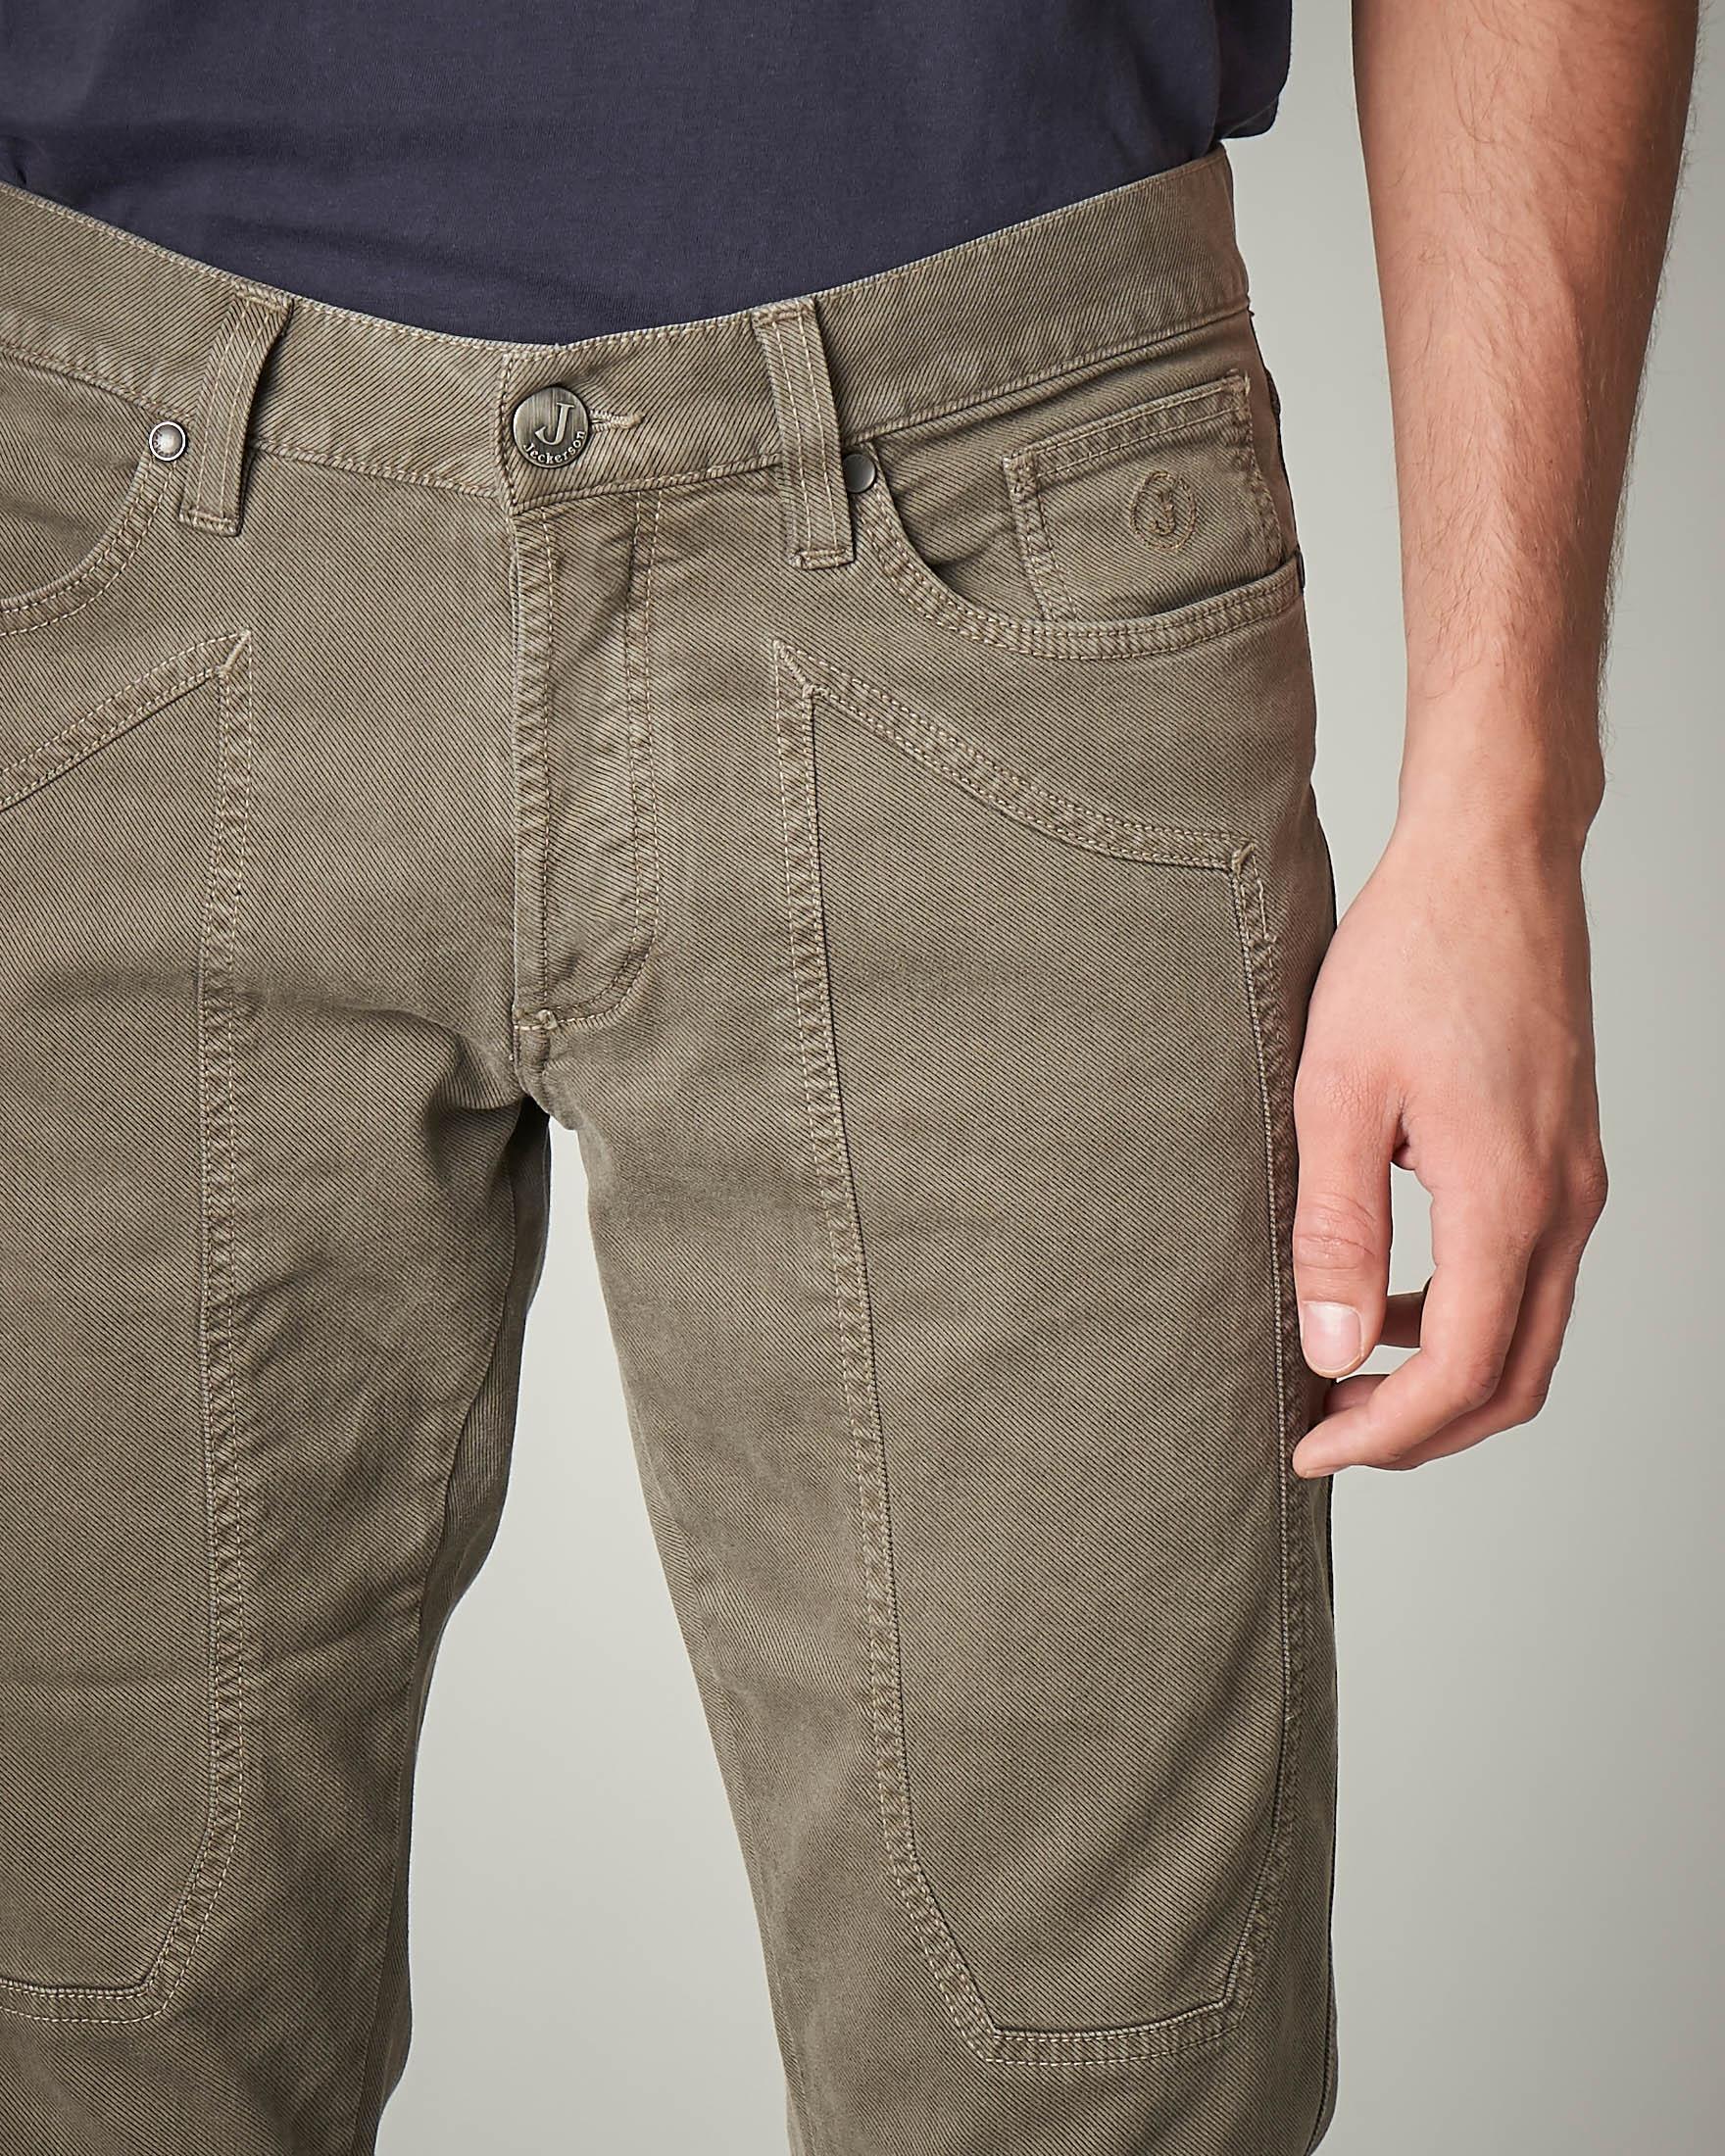 Pantalone cinque tasche tortora in cotone con toppa